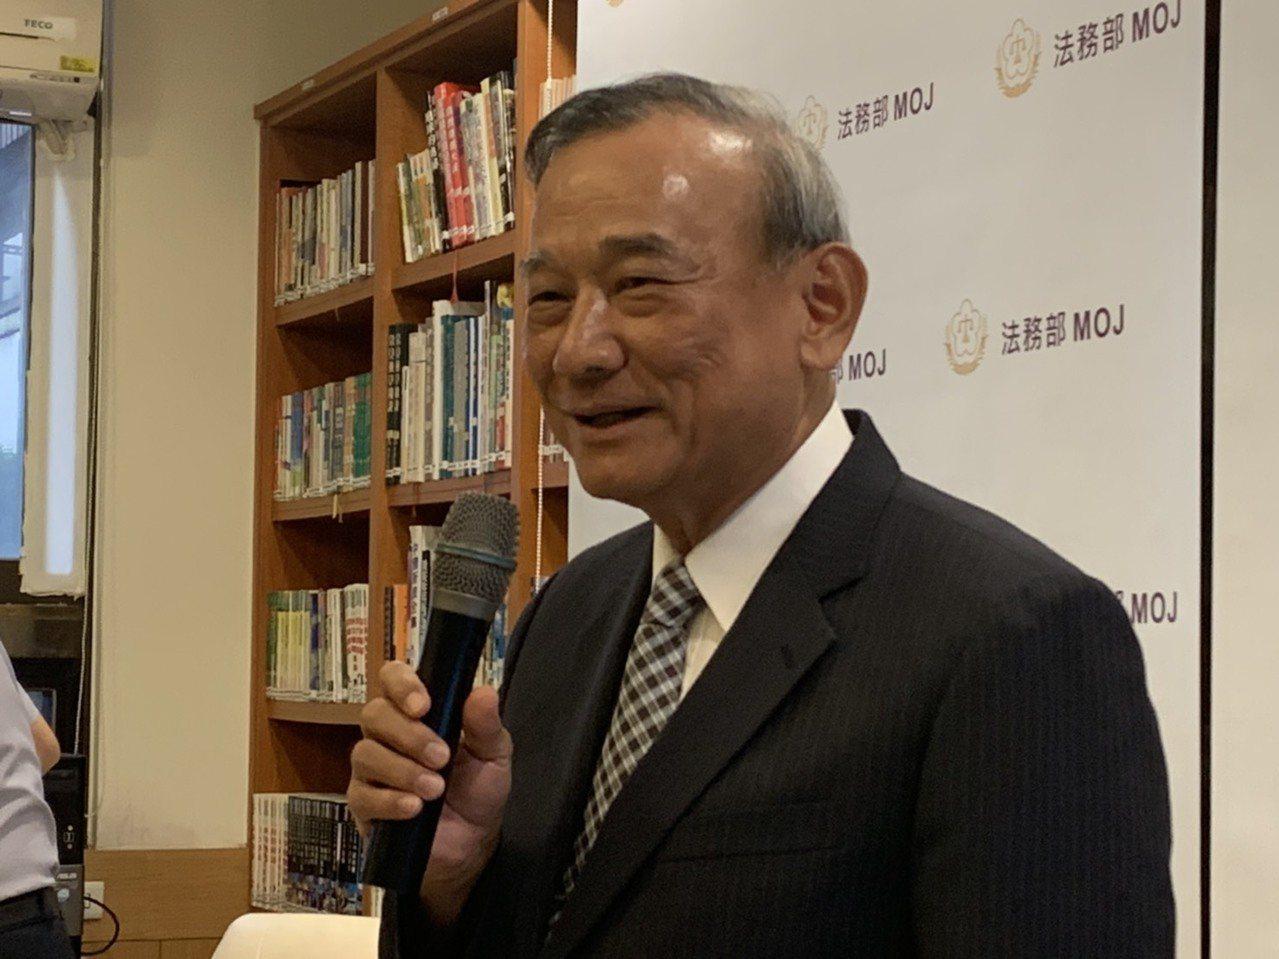 法務部政務次長陳明堂說,法務部對廣大興案判決感到欣慰。記者王聖藜/攝影